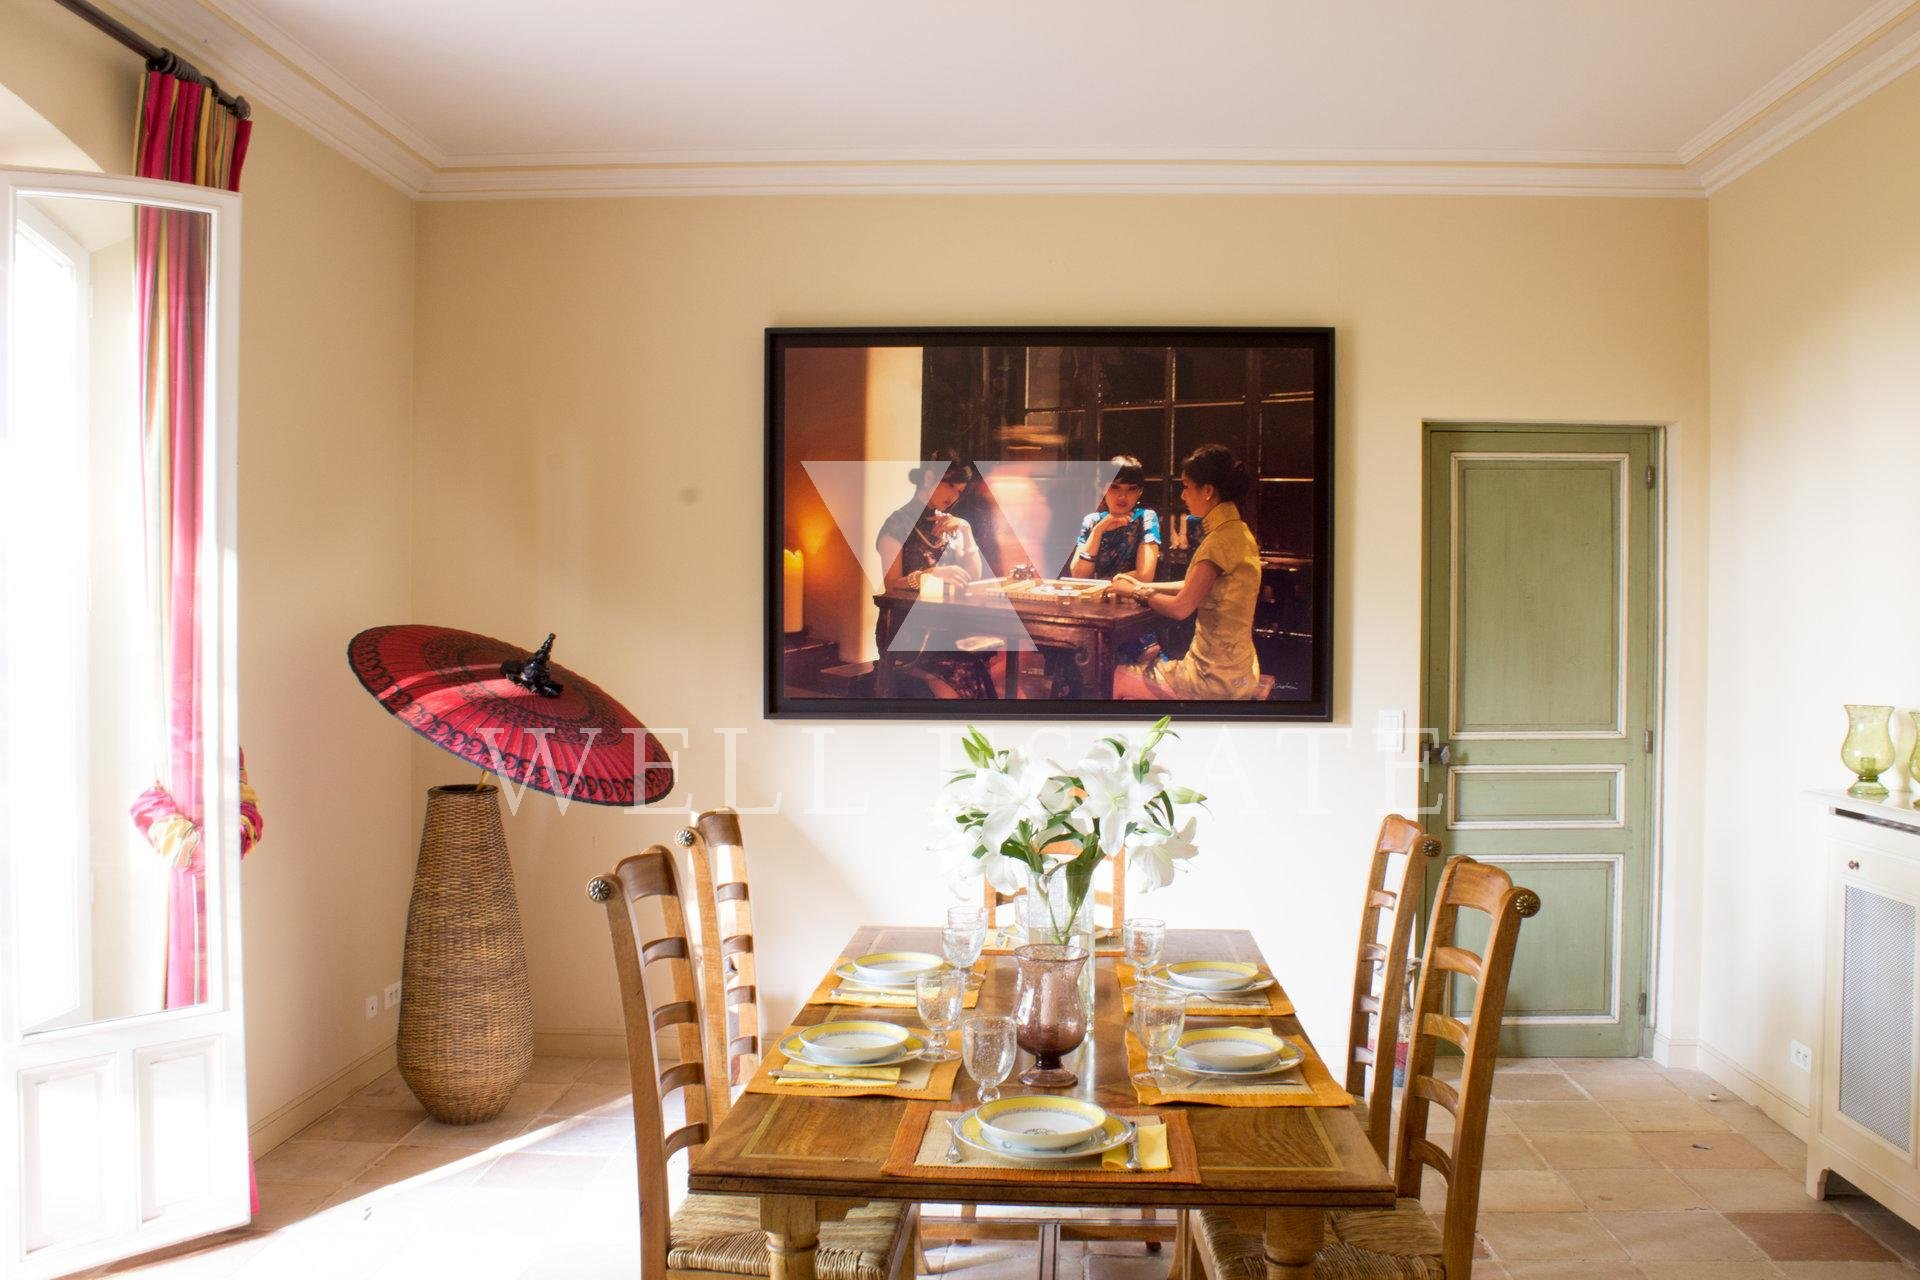 Сезонная аренда Бастид, типичный южный дом - Канны (Cannes)